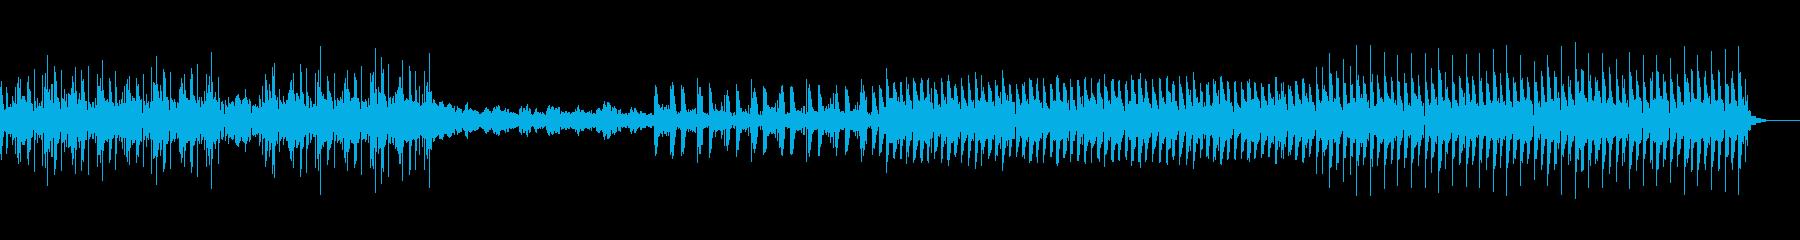 ダンサブルながら幻想的な、洗練された楽曲の再生済みの波形